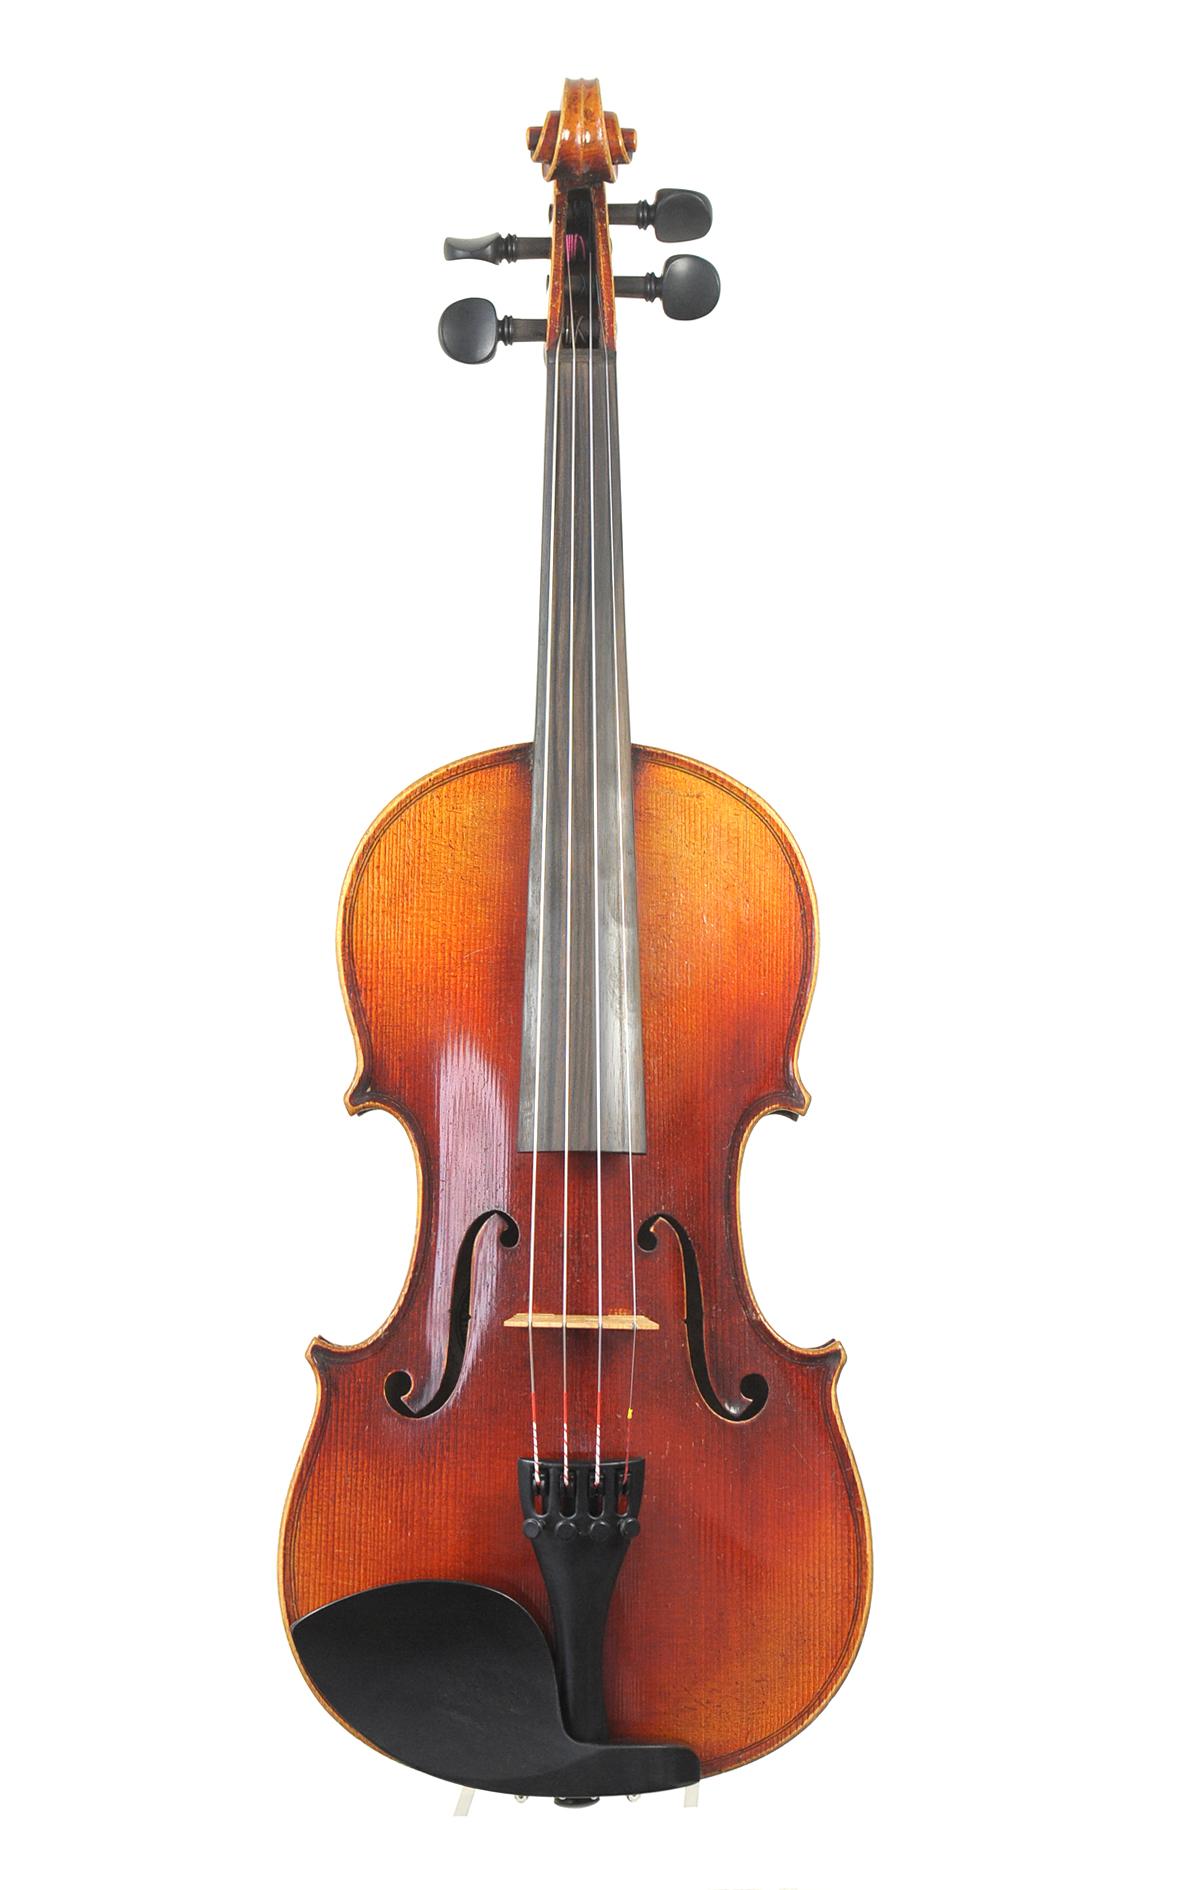 German Cello Edmund Paulus 1900 Orchestral Cellos